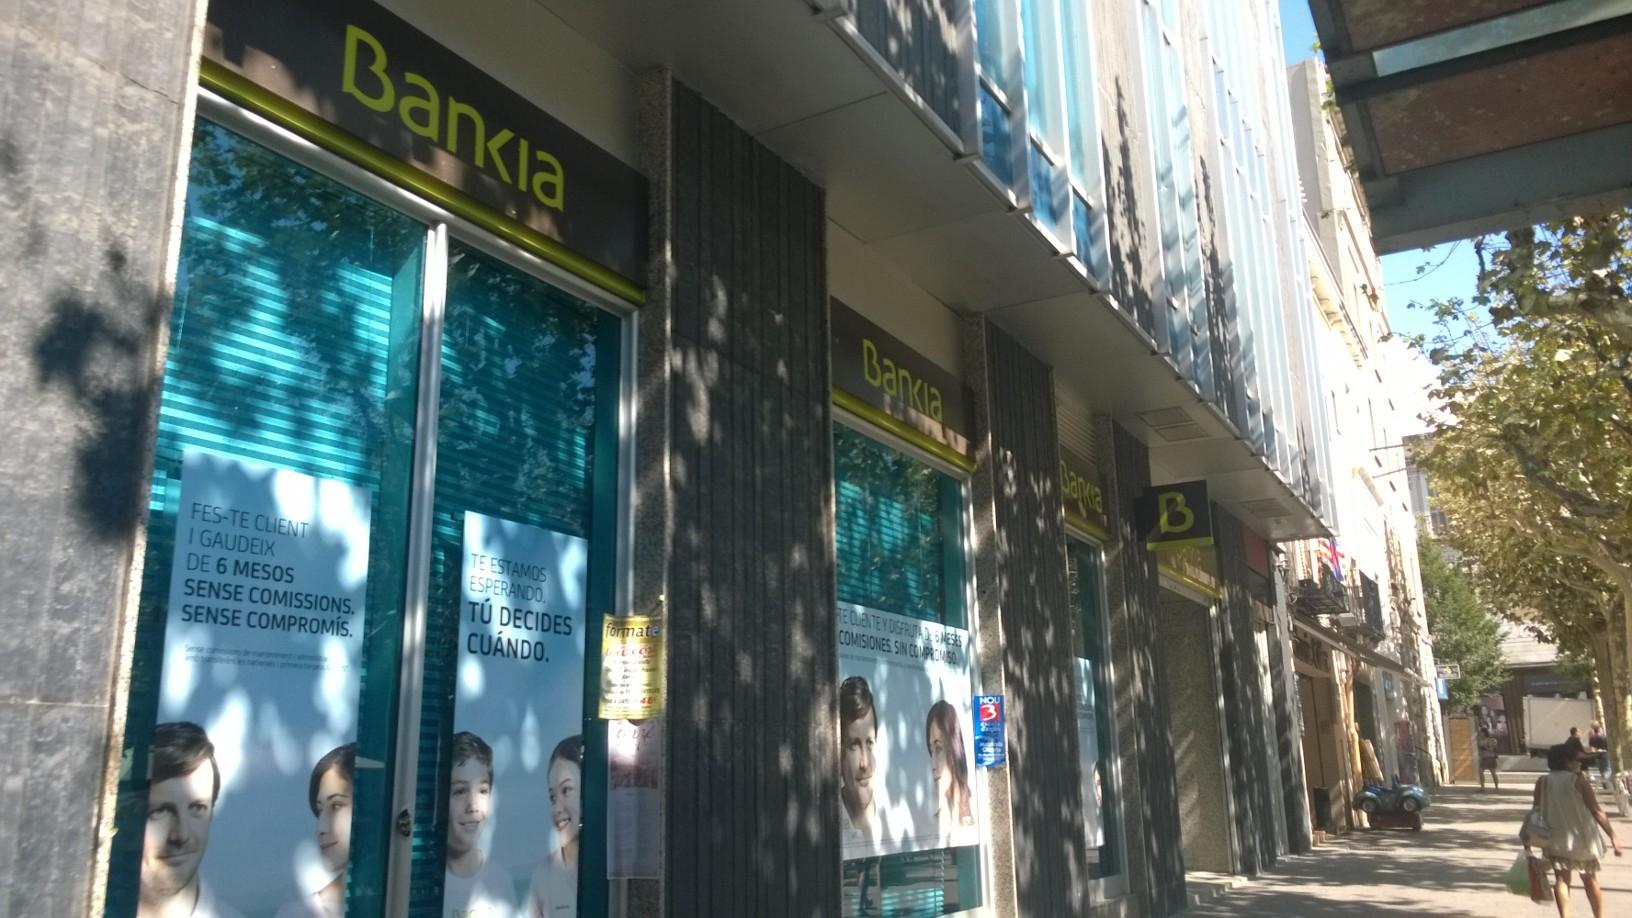 Els accionistes de Bankia poden recuperar els diners